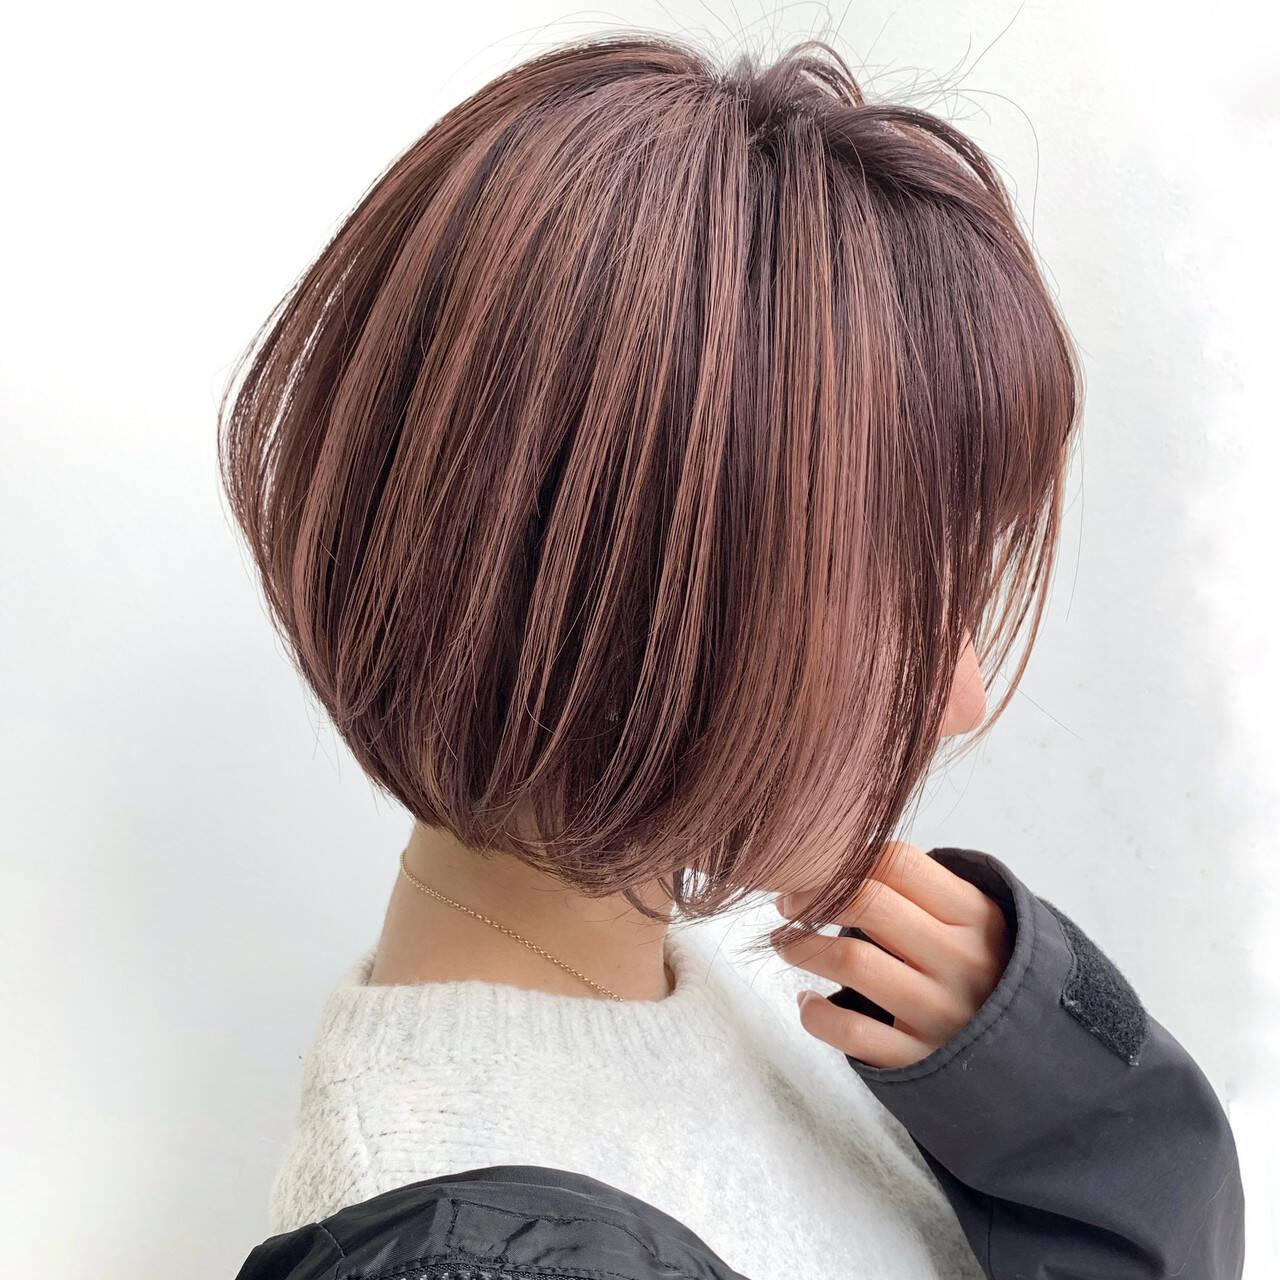 ナチュラル 大人ハイライト ピンクベージュ ショートヘアスタイルや髪型の写真・画像